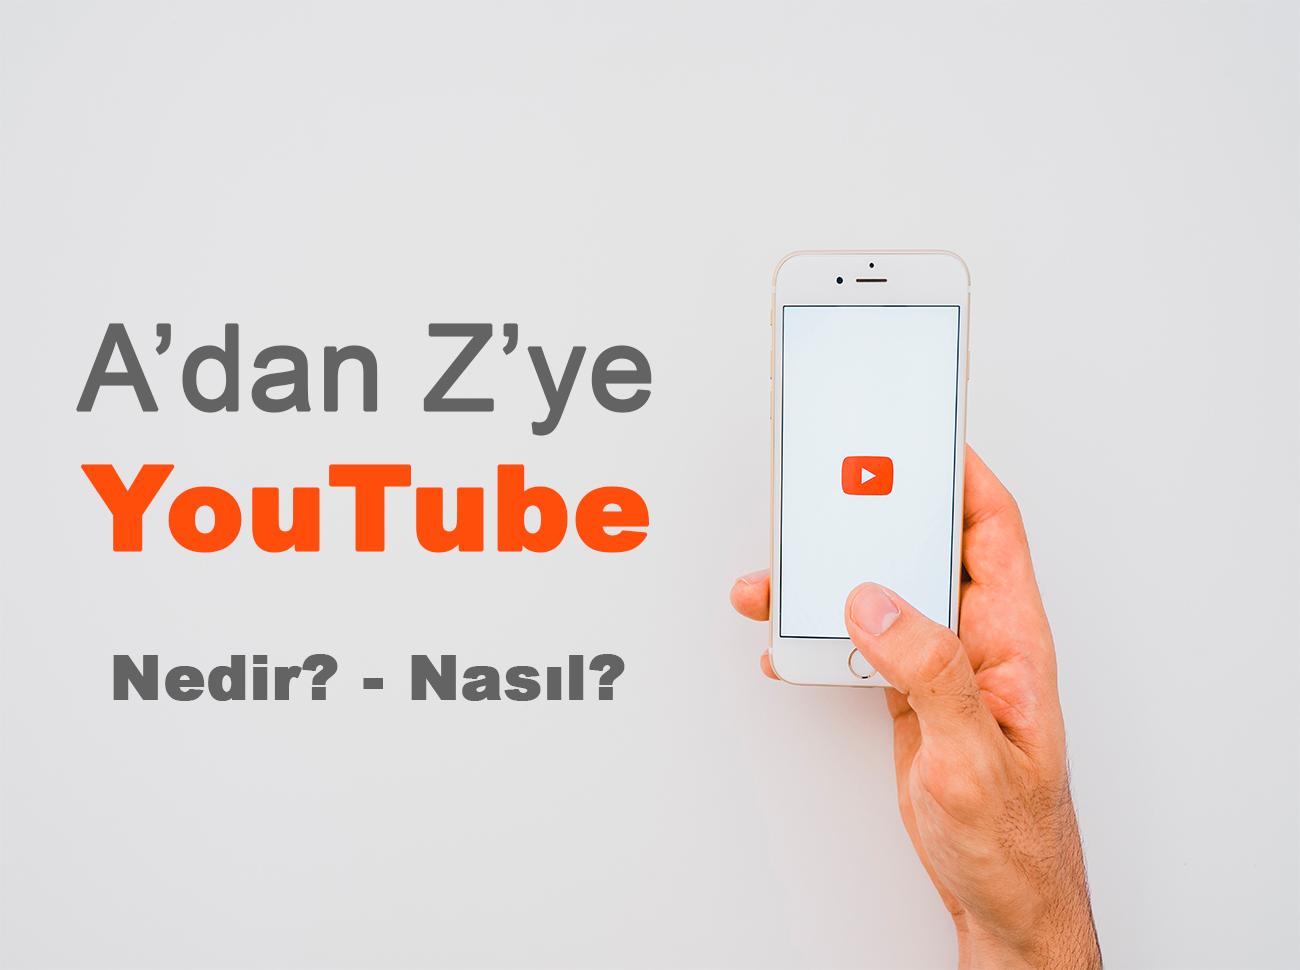 Youtube Nedir? Youtube Nasıl Kullanılır? Youtube'un Özellikleri Nelerdir?